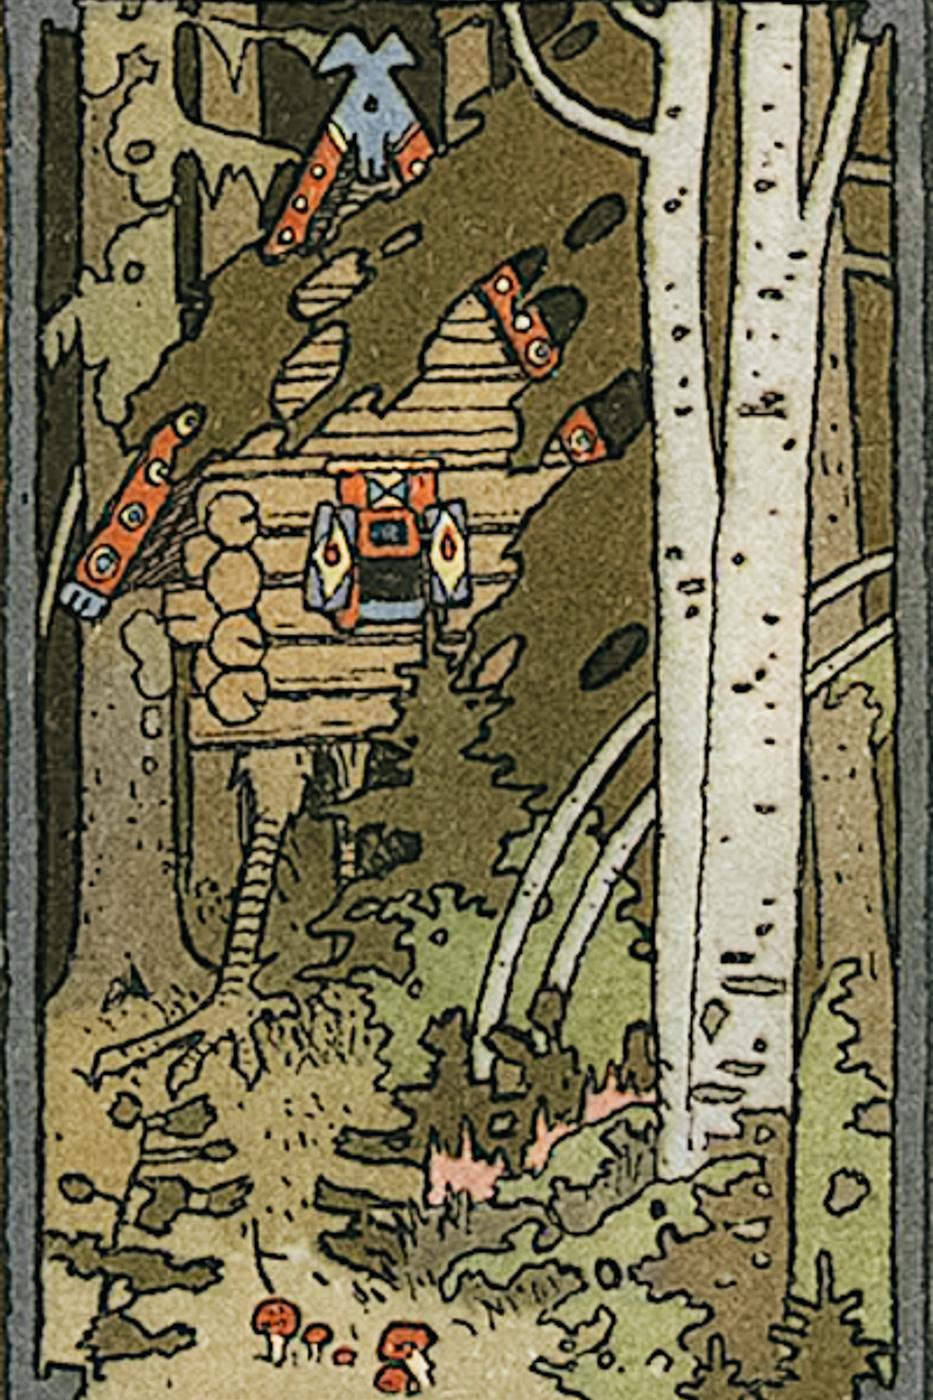 Mushroom folklore